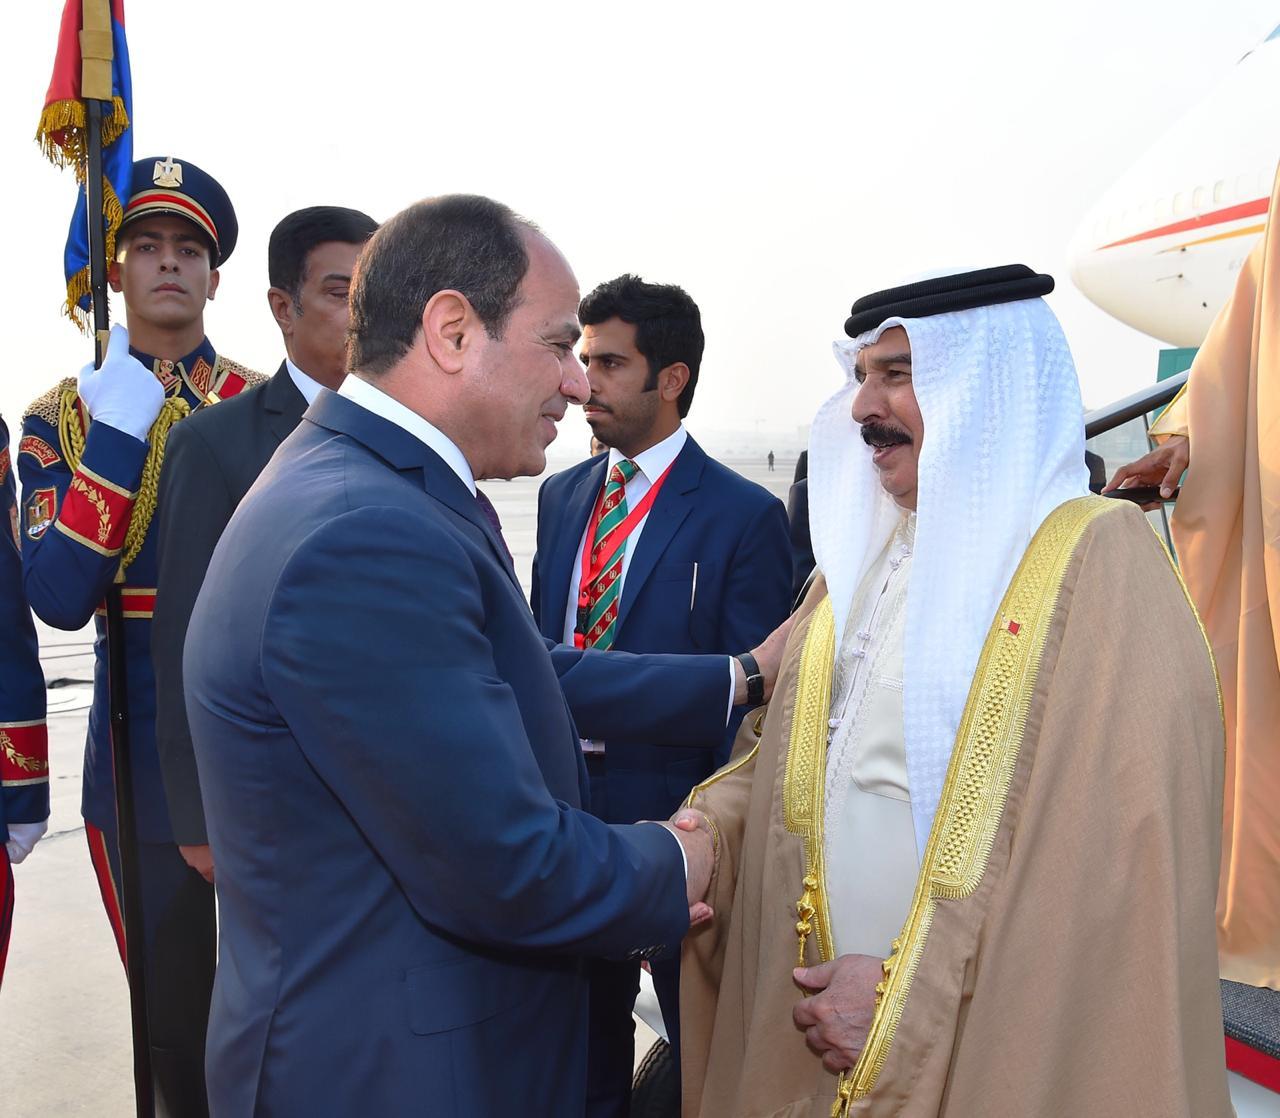 عبد الفتاح السيسي و الملك حمد بن عيسى آل خليفة ملك مملكة البحرين (2)